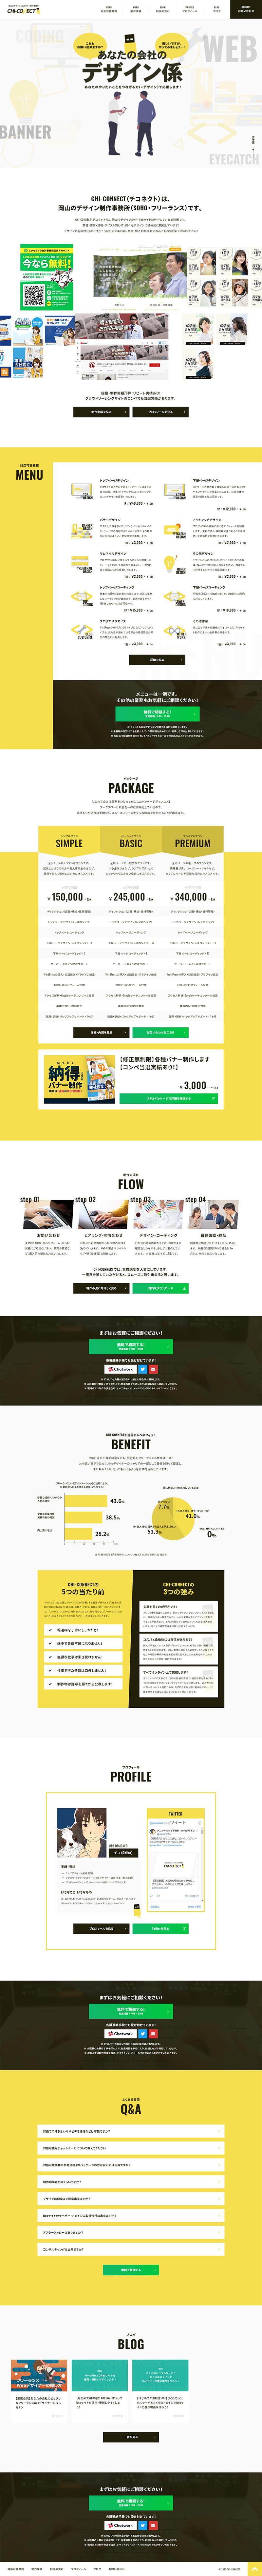 ホームページ制作実績岡山のデザイン・Webサイト制作事務所 | CHI-CONNECT